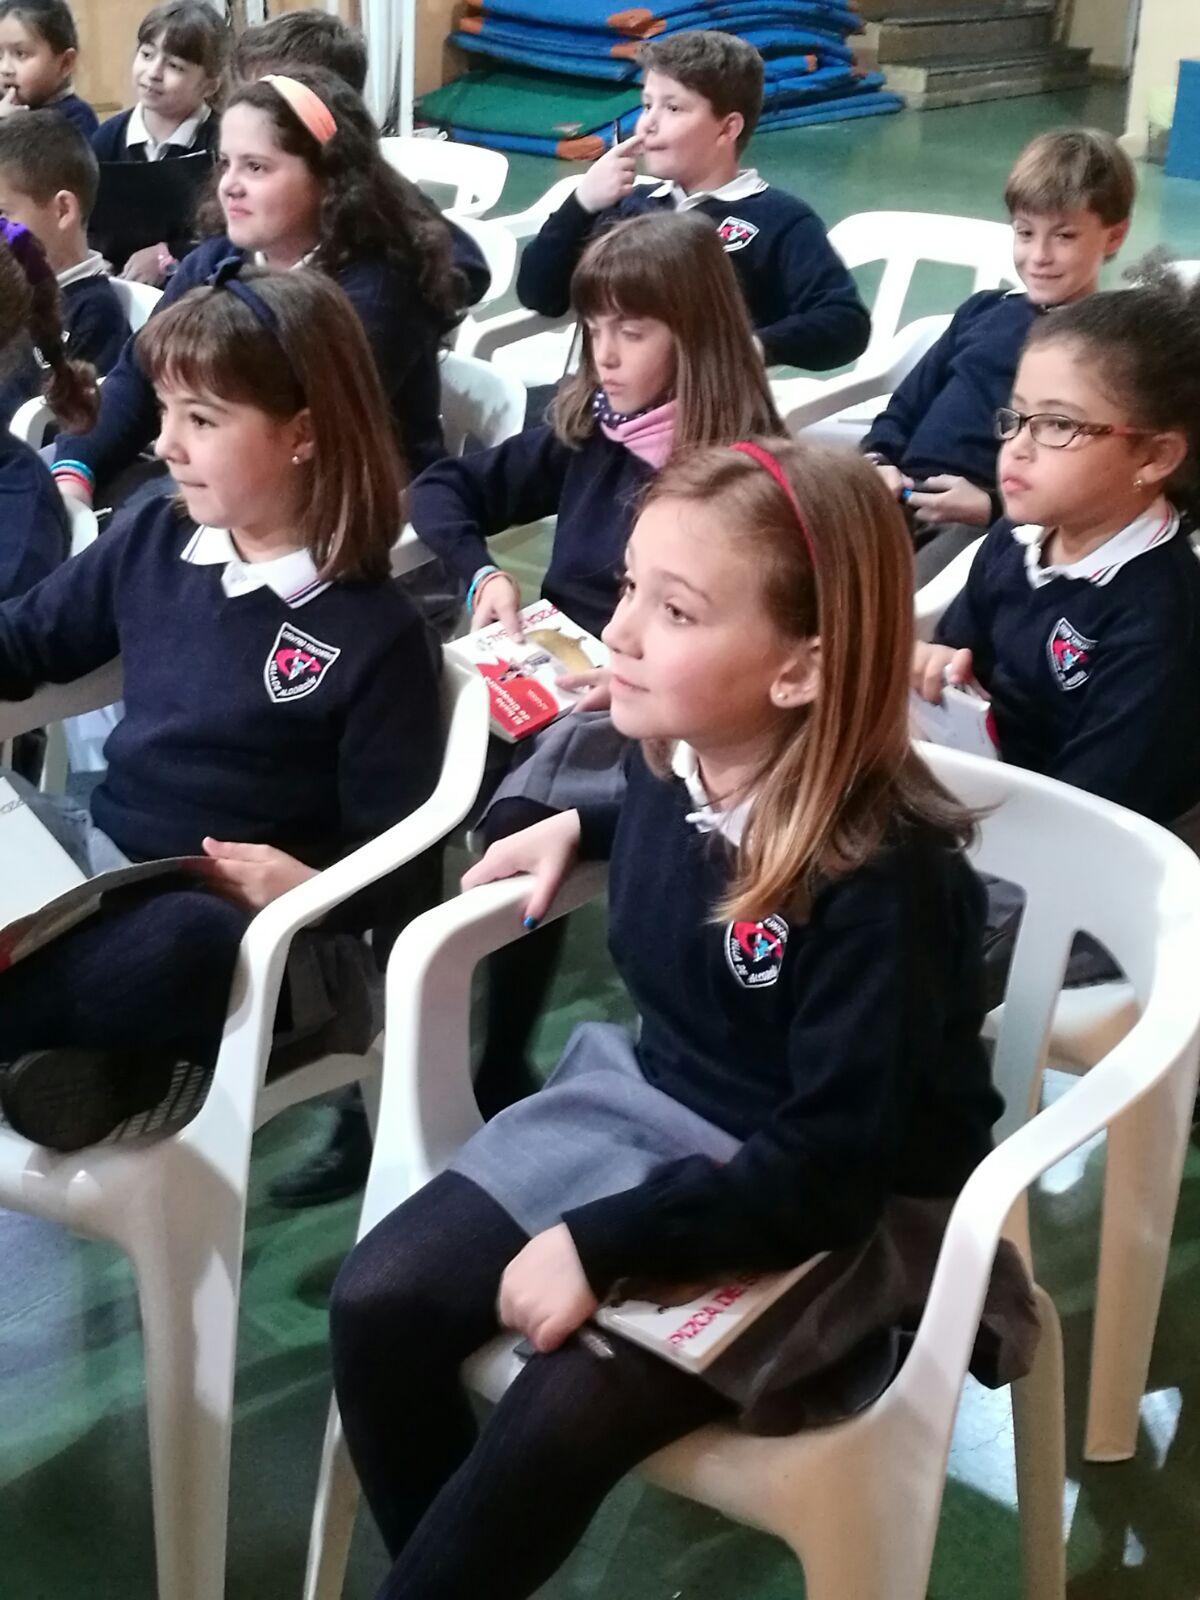 Infantil Primaria Animacion Lectura 3 4 2017 1